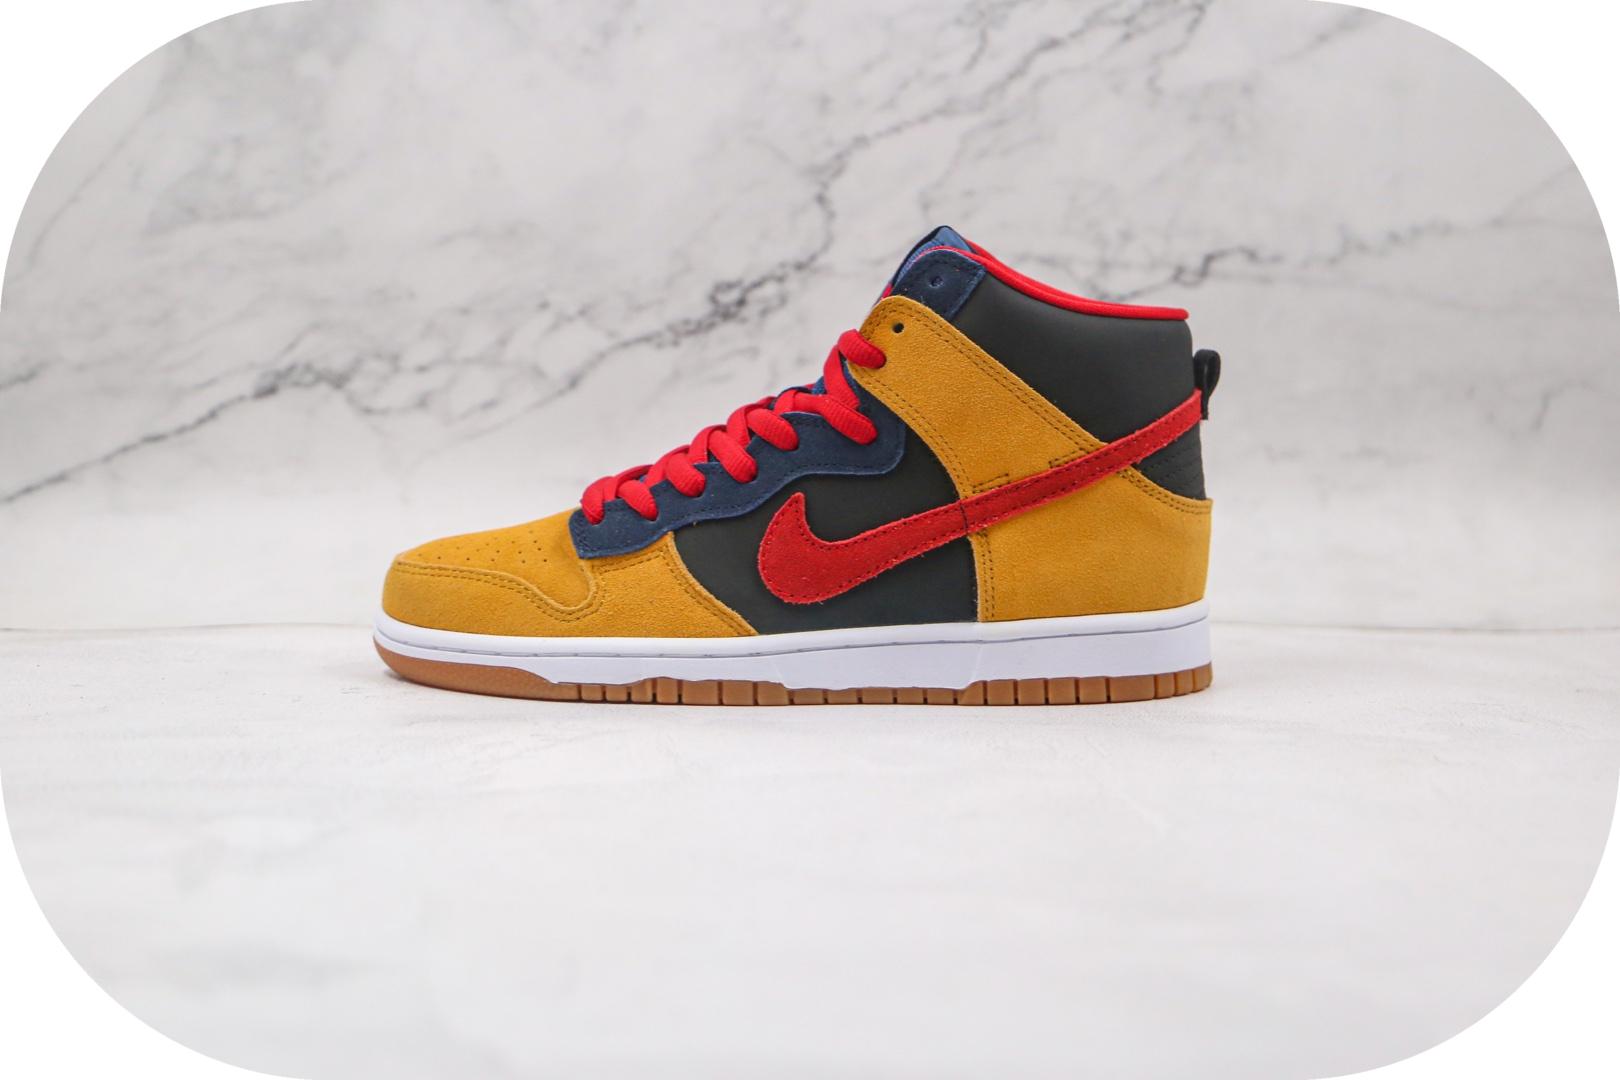 耐克Nike Dunk SB High纯原版本高帮SB DUNK帕帕熊黑黄红蓝色板鞋原楦头纸板打造 货号:313171-400封面